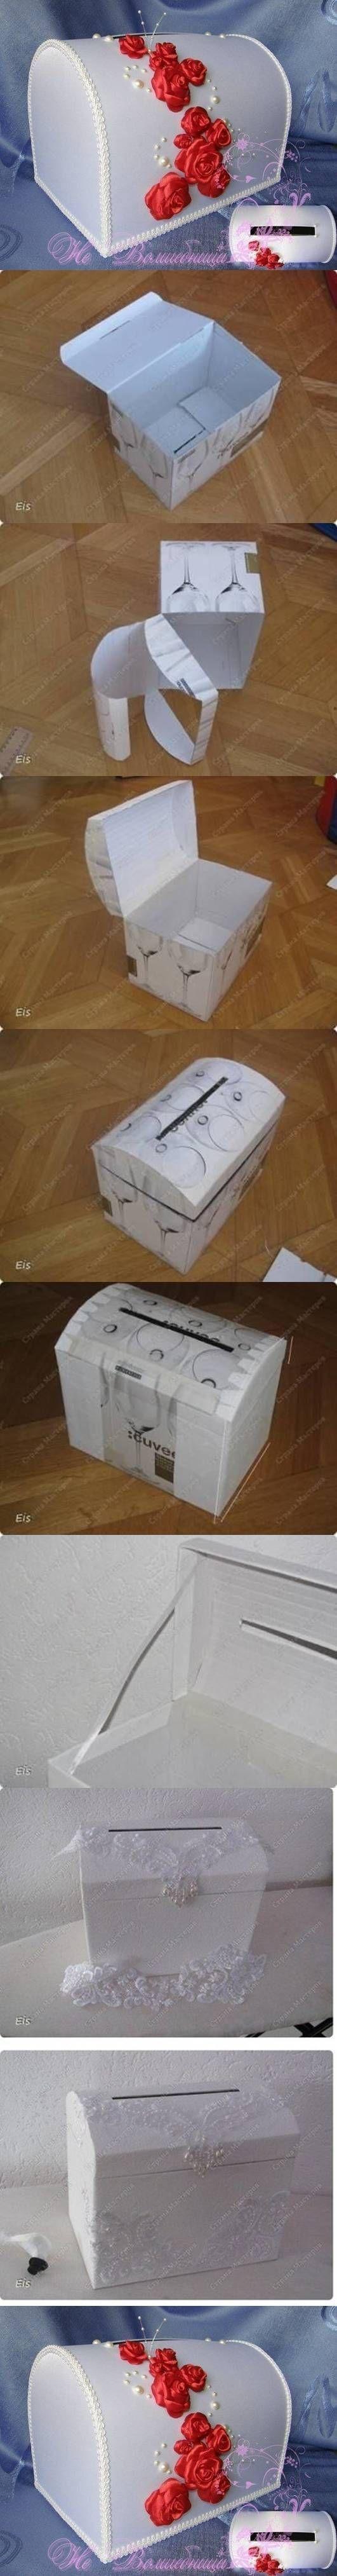 Scatola di cartone. Cardboard Box.: